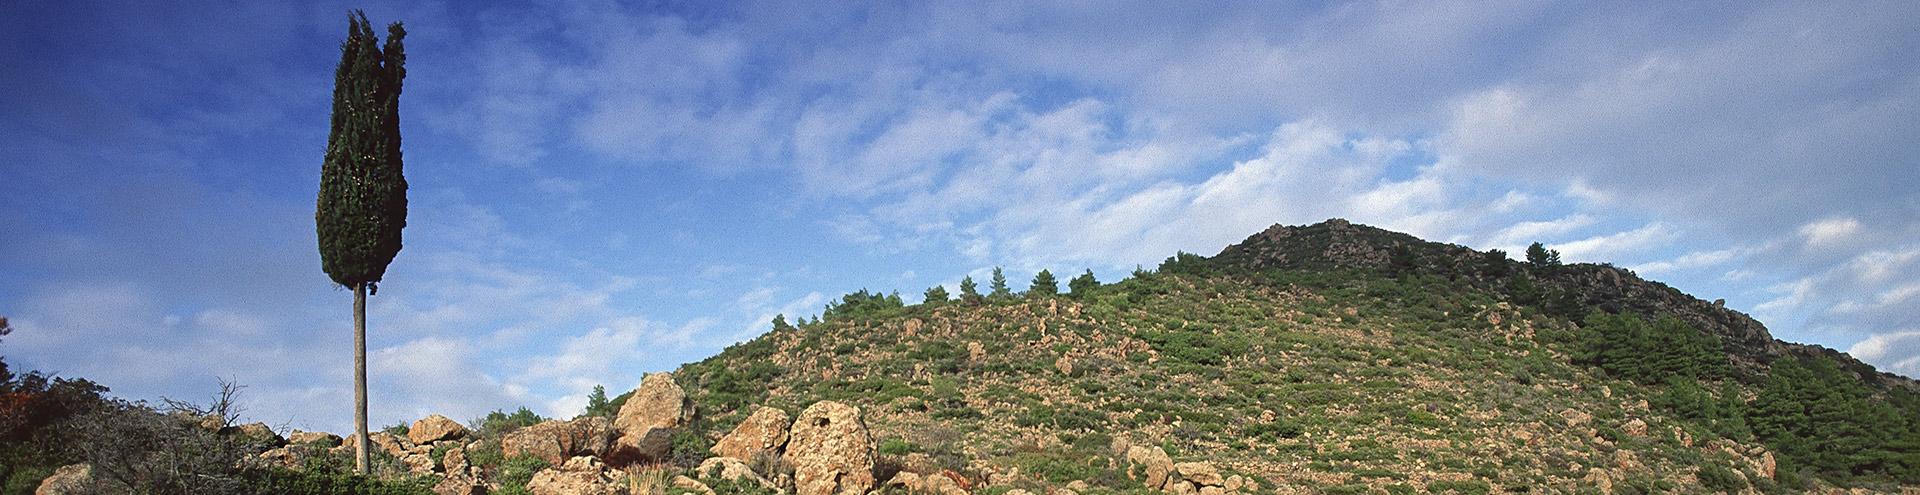 Τα αρχαία ερείπια στο Μεγαλοποτάμι